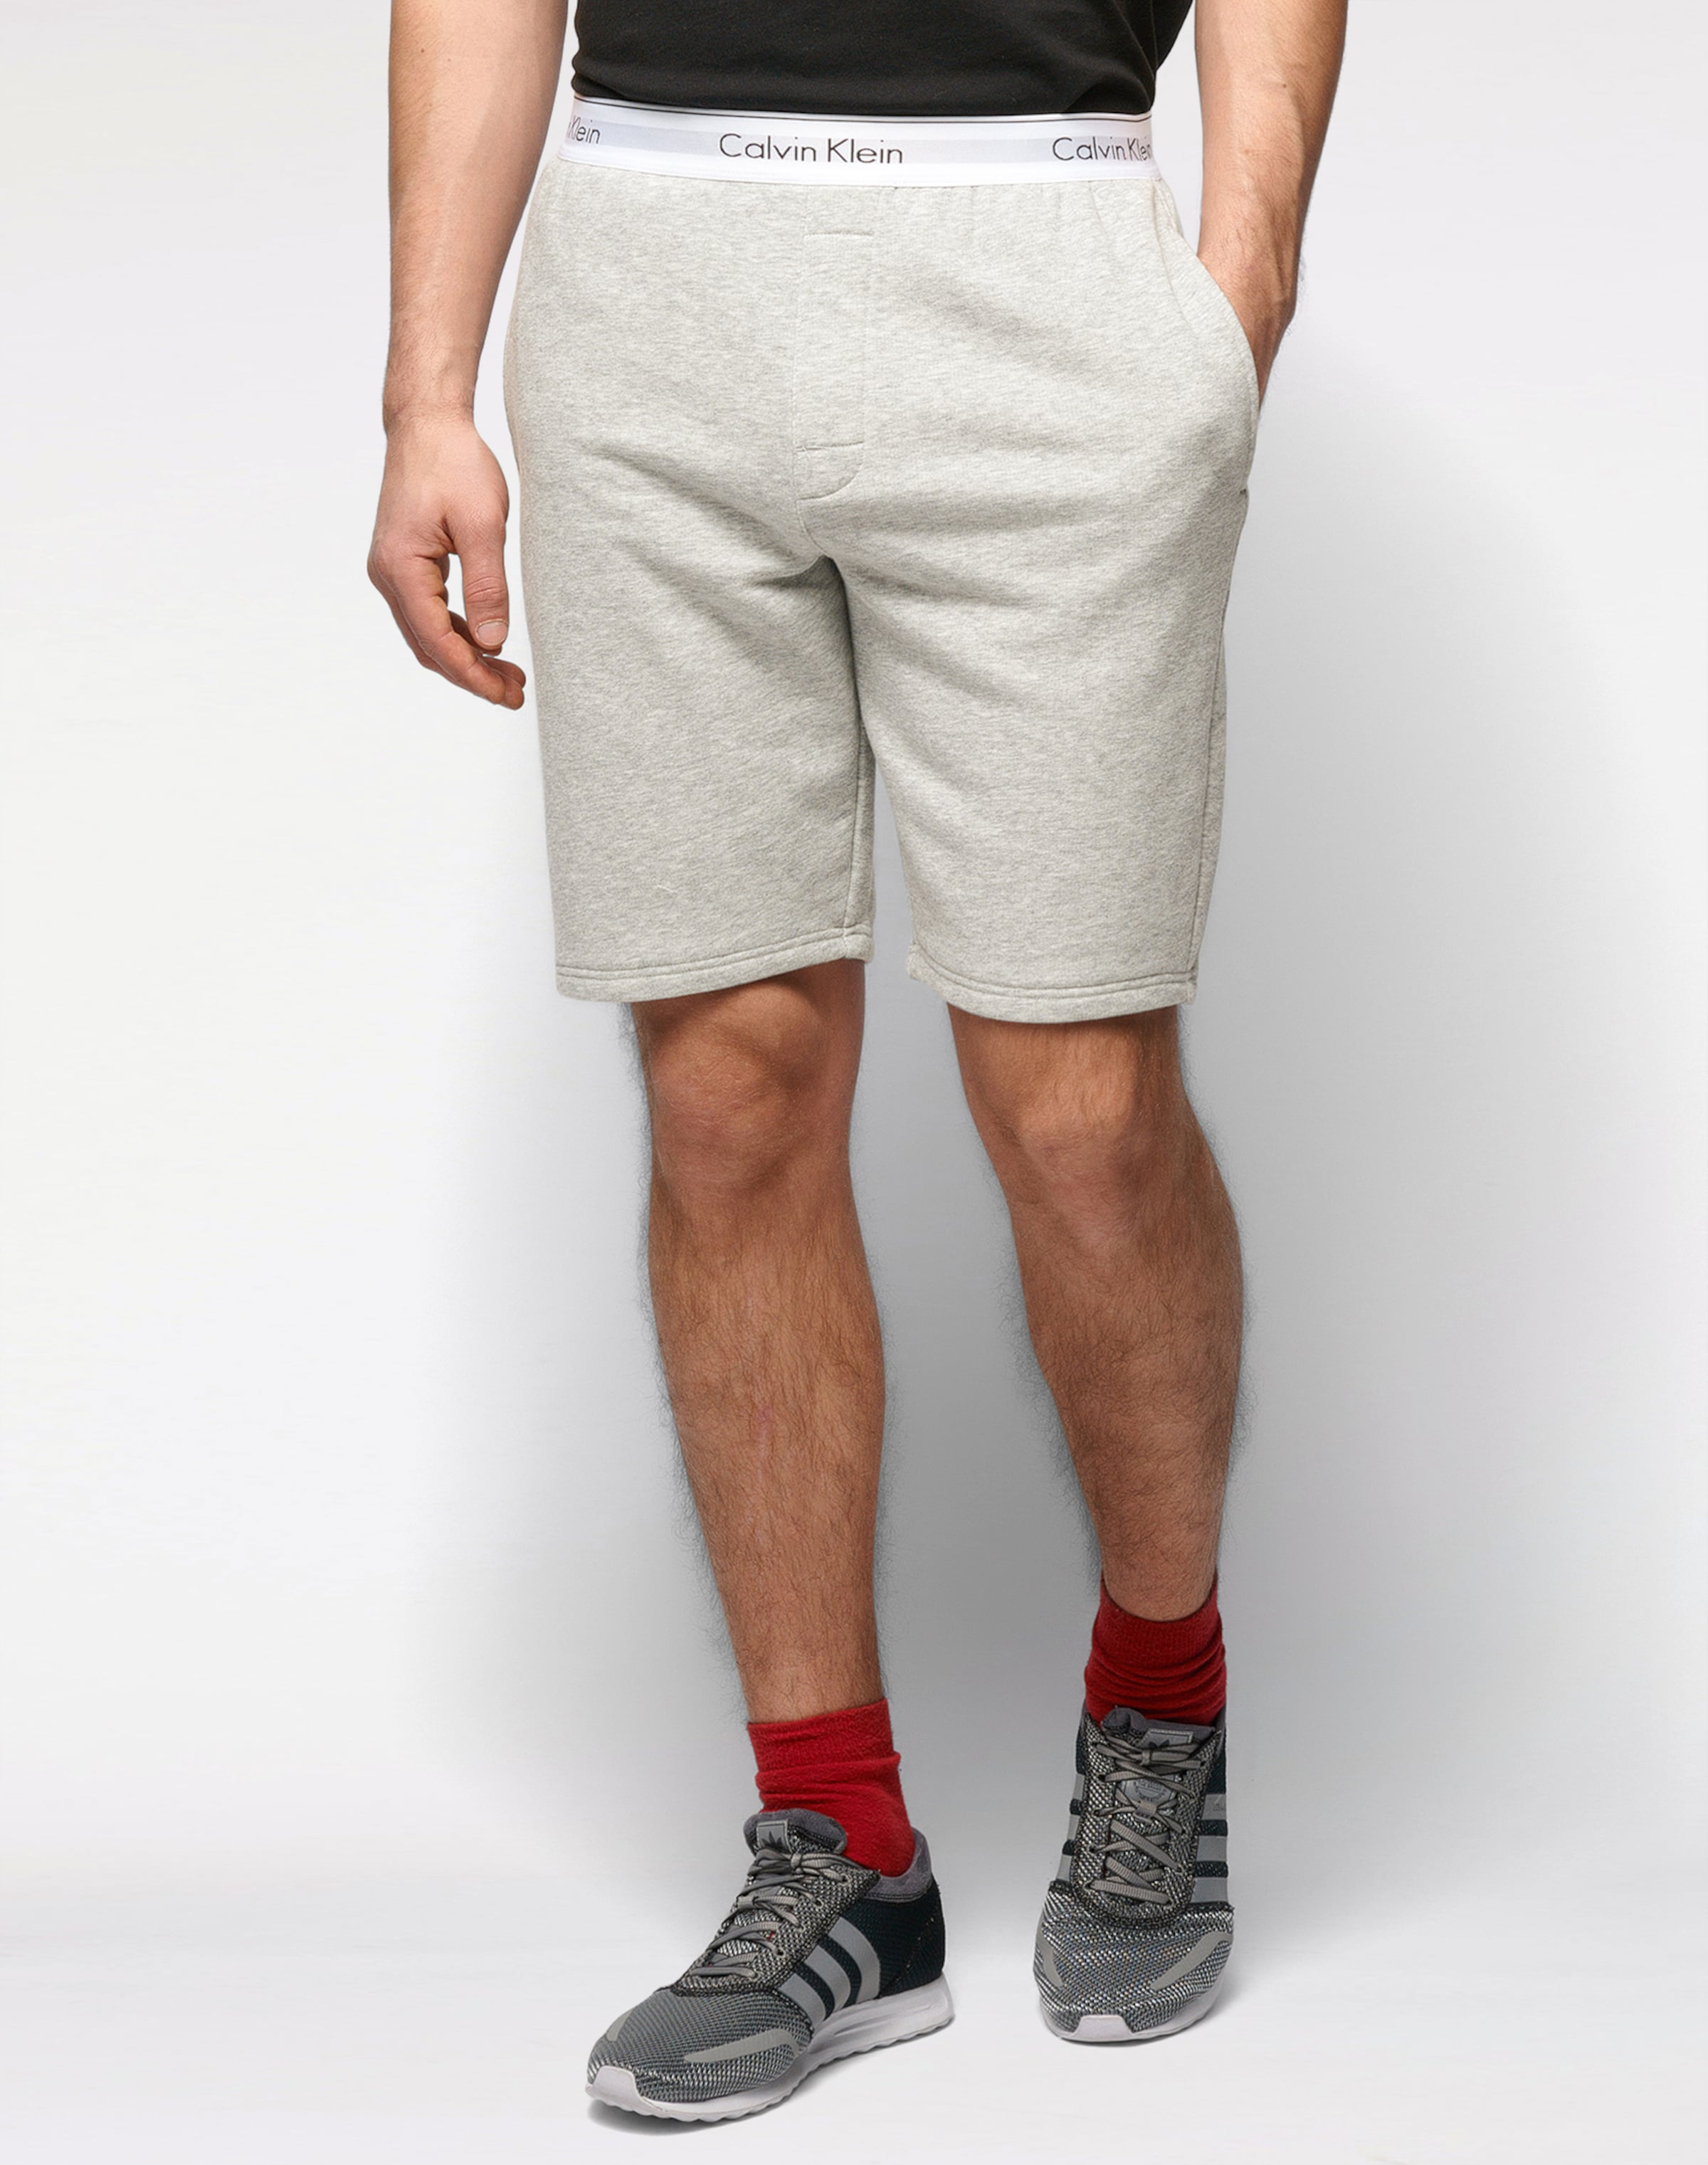 Niedriger Preis Calvin Klein underwear Sweatshorts mit Elastikbund Verkaufen Kaufen Geschäft Zum Verkauf Ger6f6dNjp